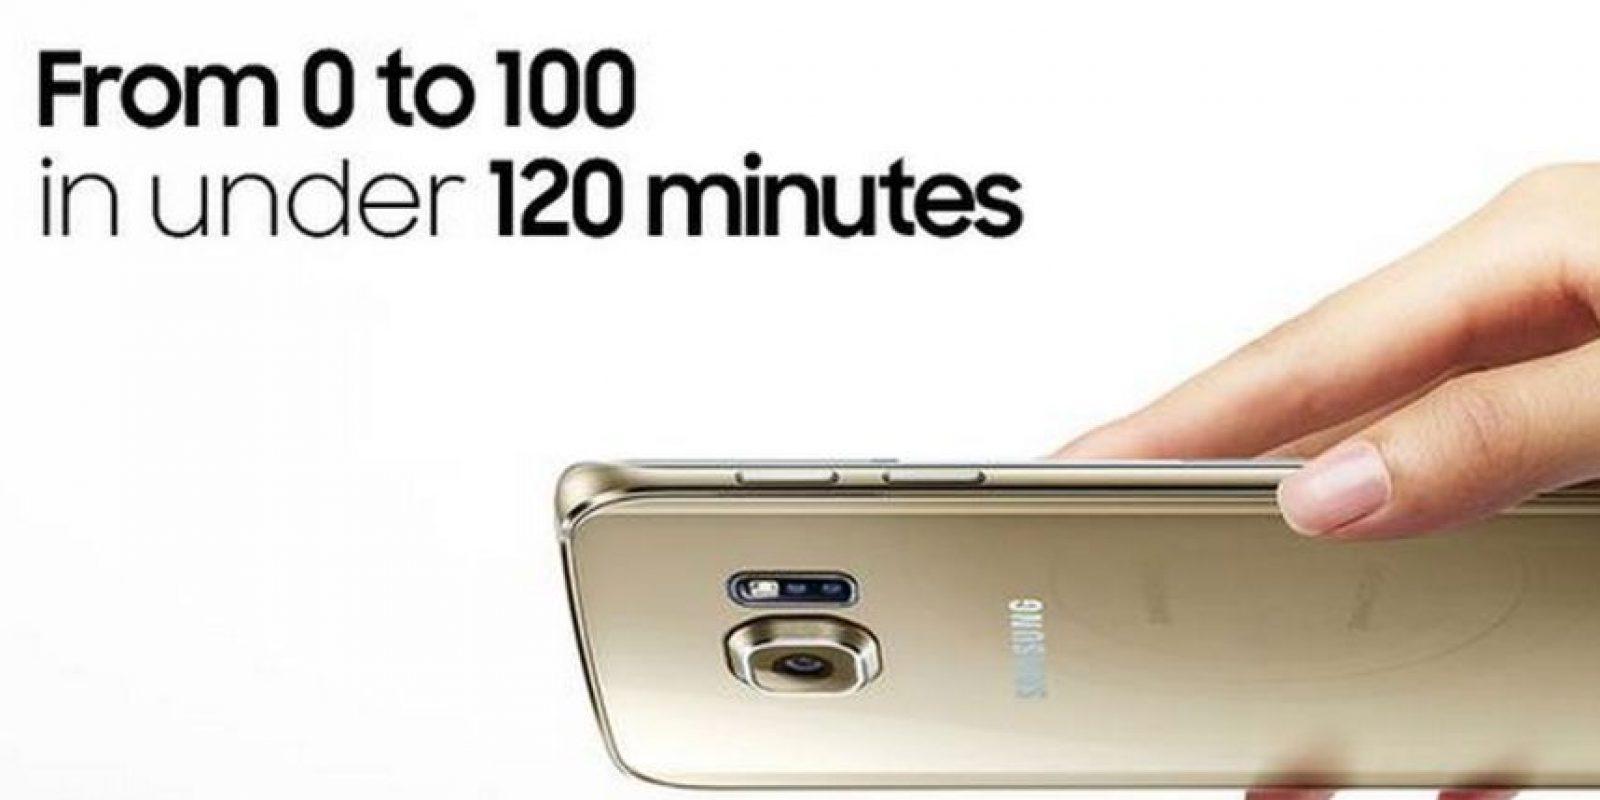 La batería es irremovible, carga al 100% en 120 minutos Foto:Samsung